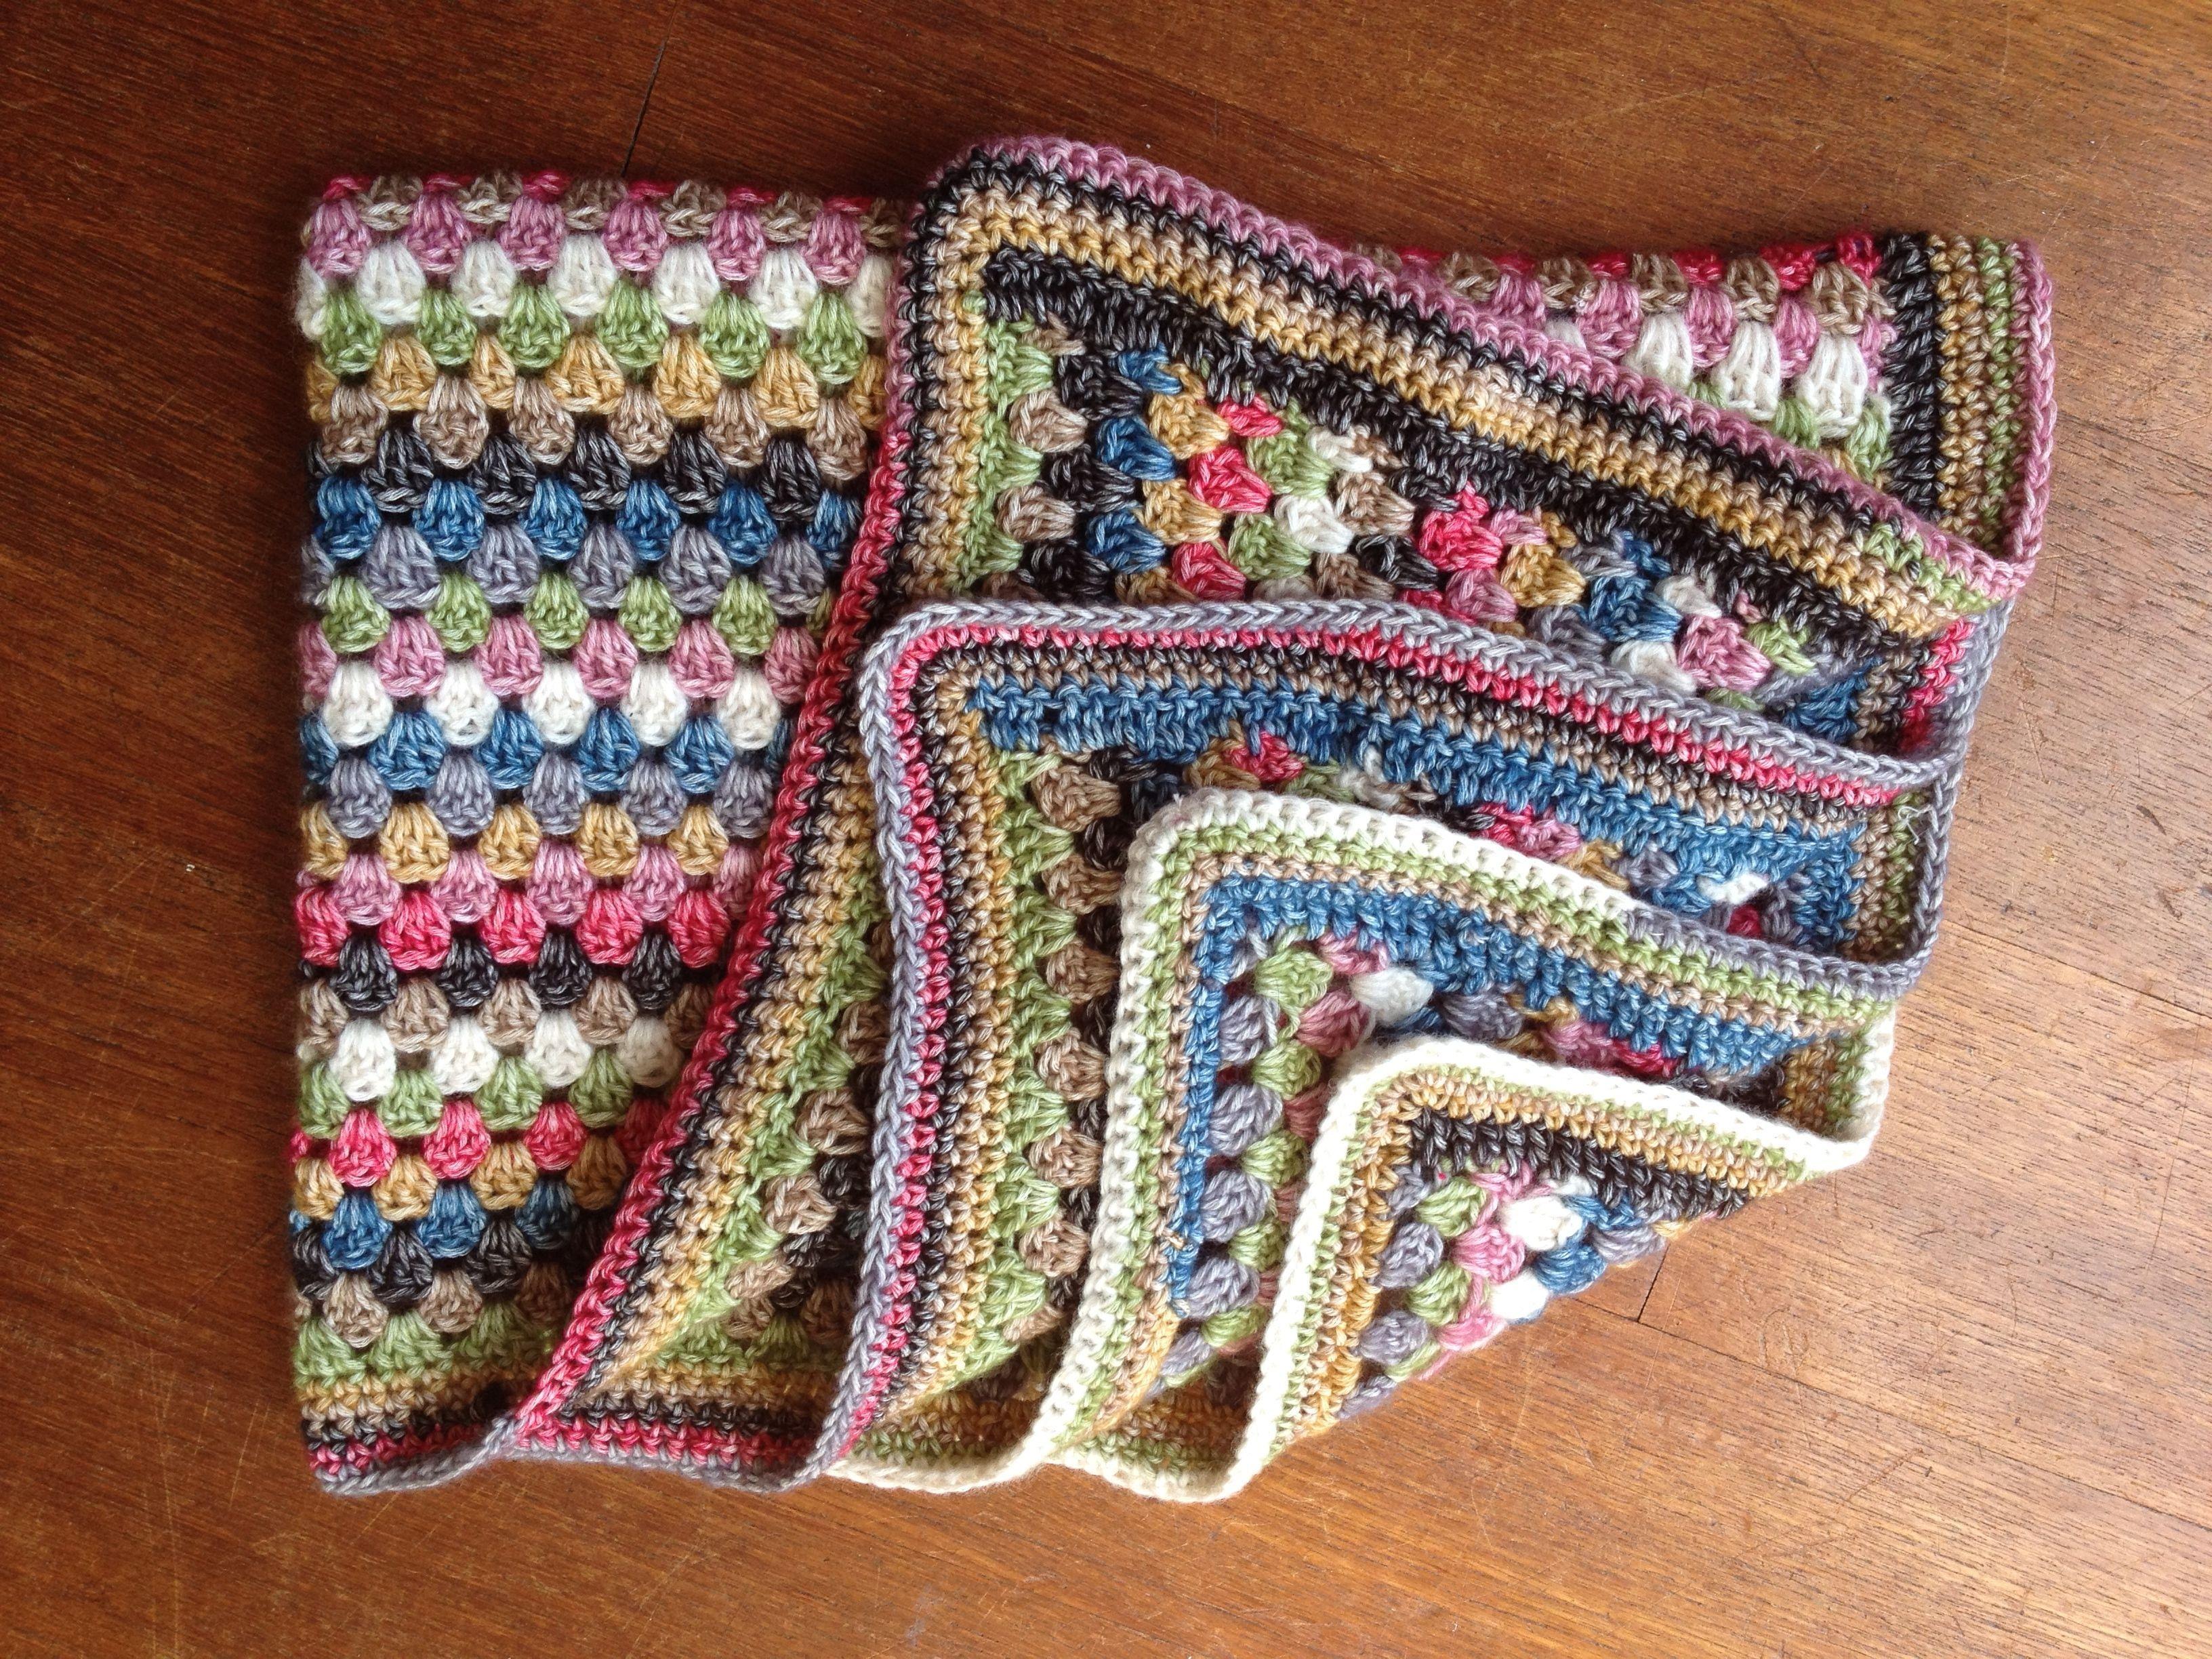 Crocheted throw, Scheepjeswol Stone Washed